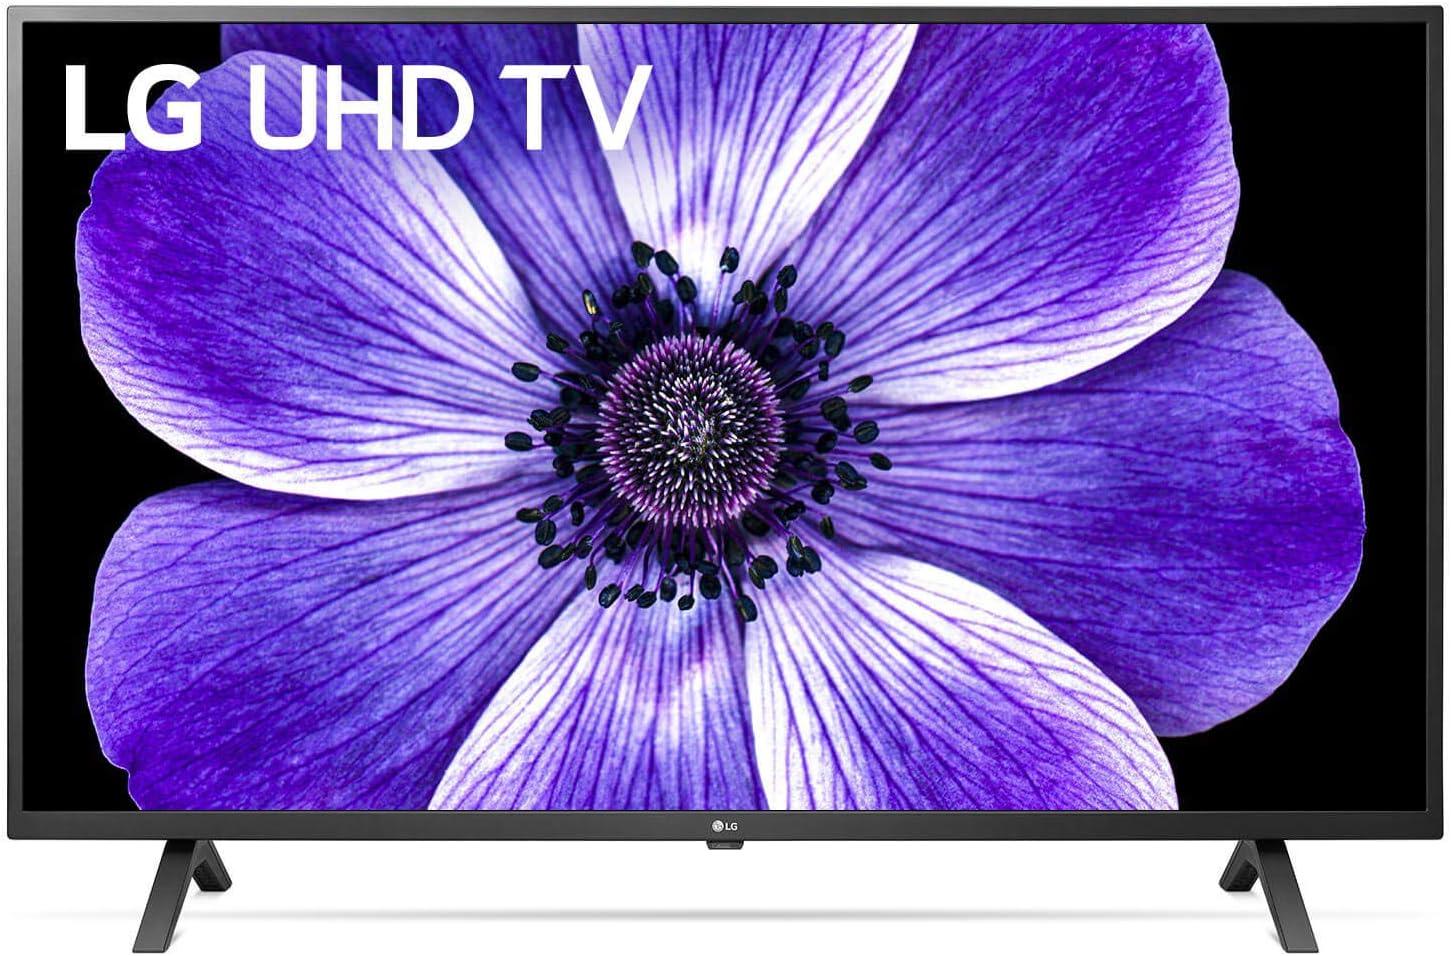 LG 43UN70006LA - Smart TV 4K UHD 108 cm (43